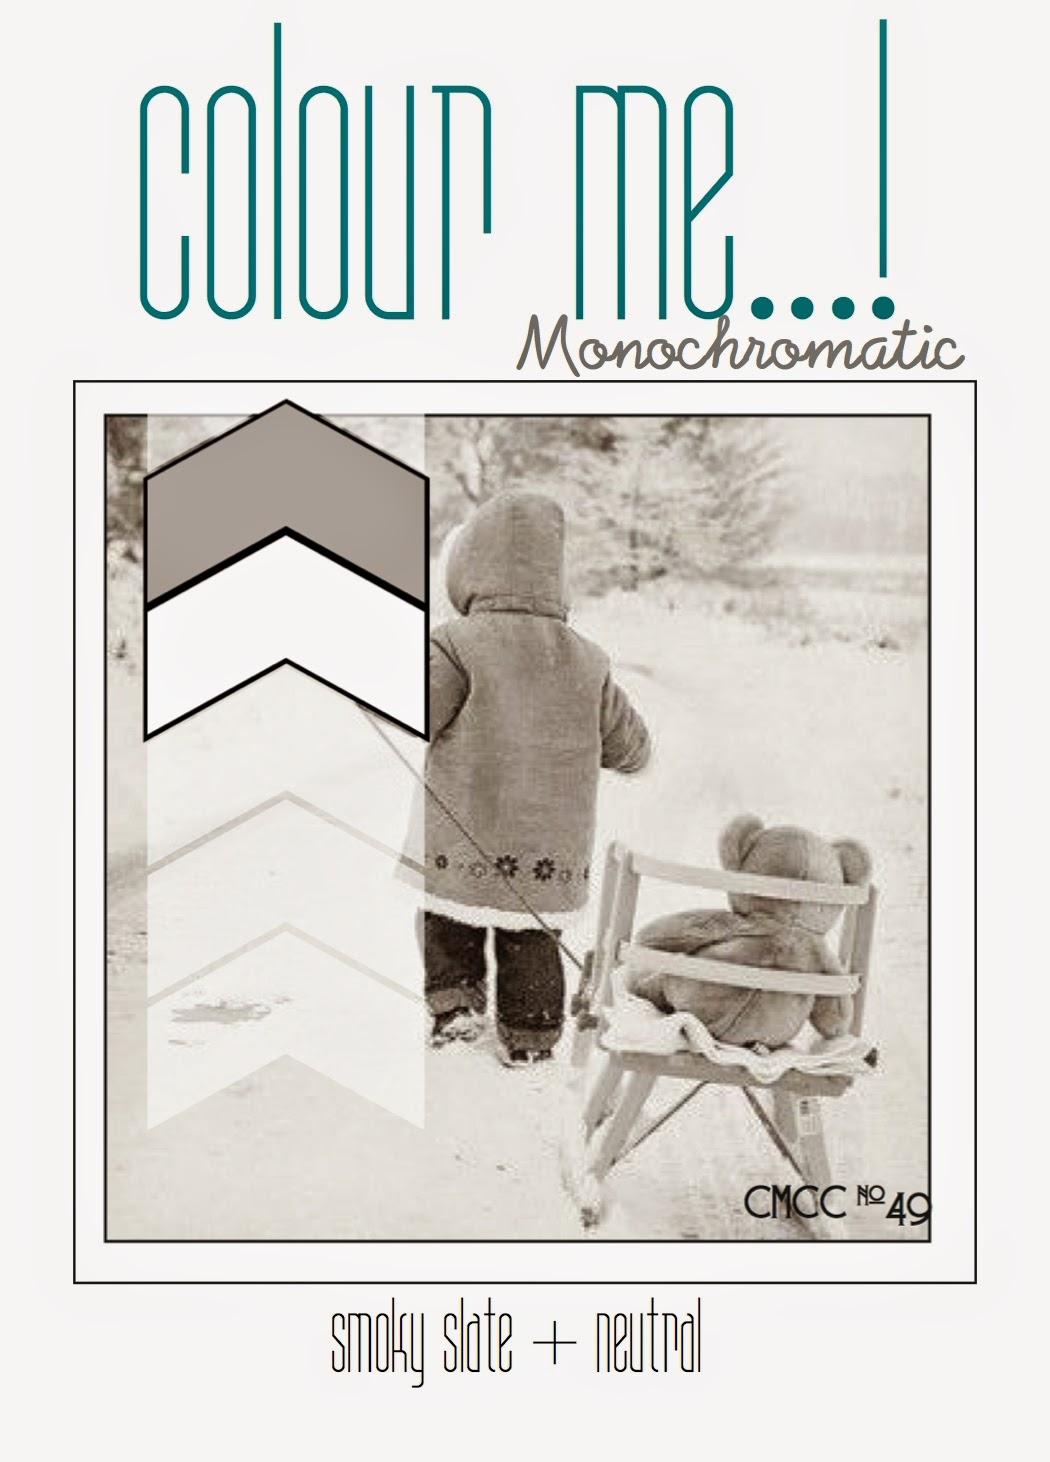 http://colourmecardchallenge.blogspot.com/2014/12/cmcc49-colour-me-monochromatic.html